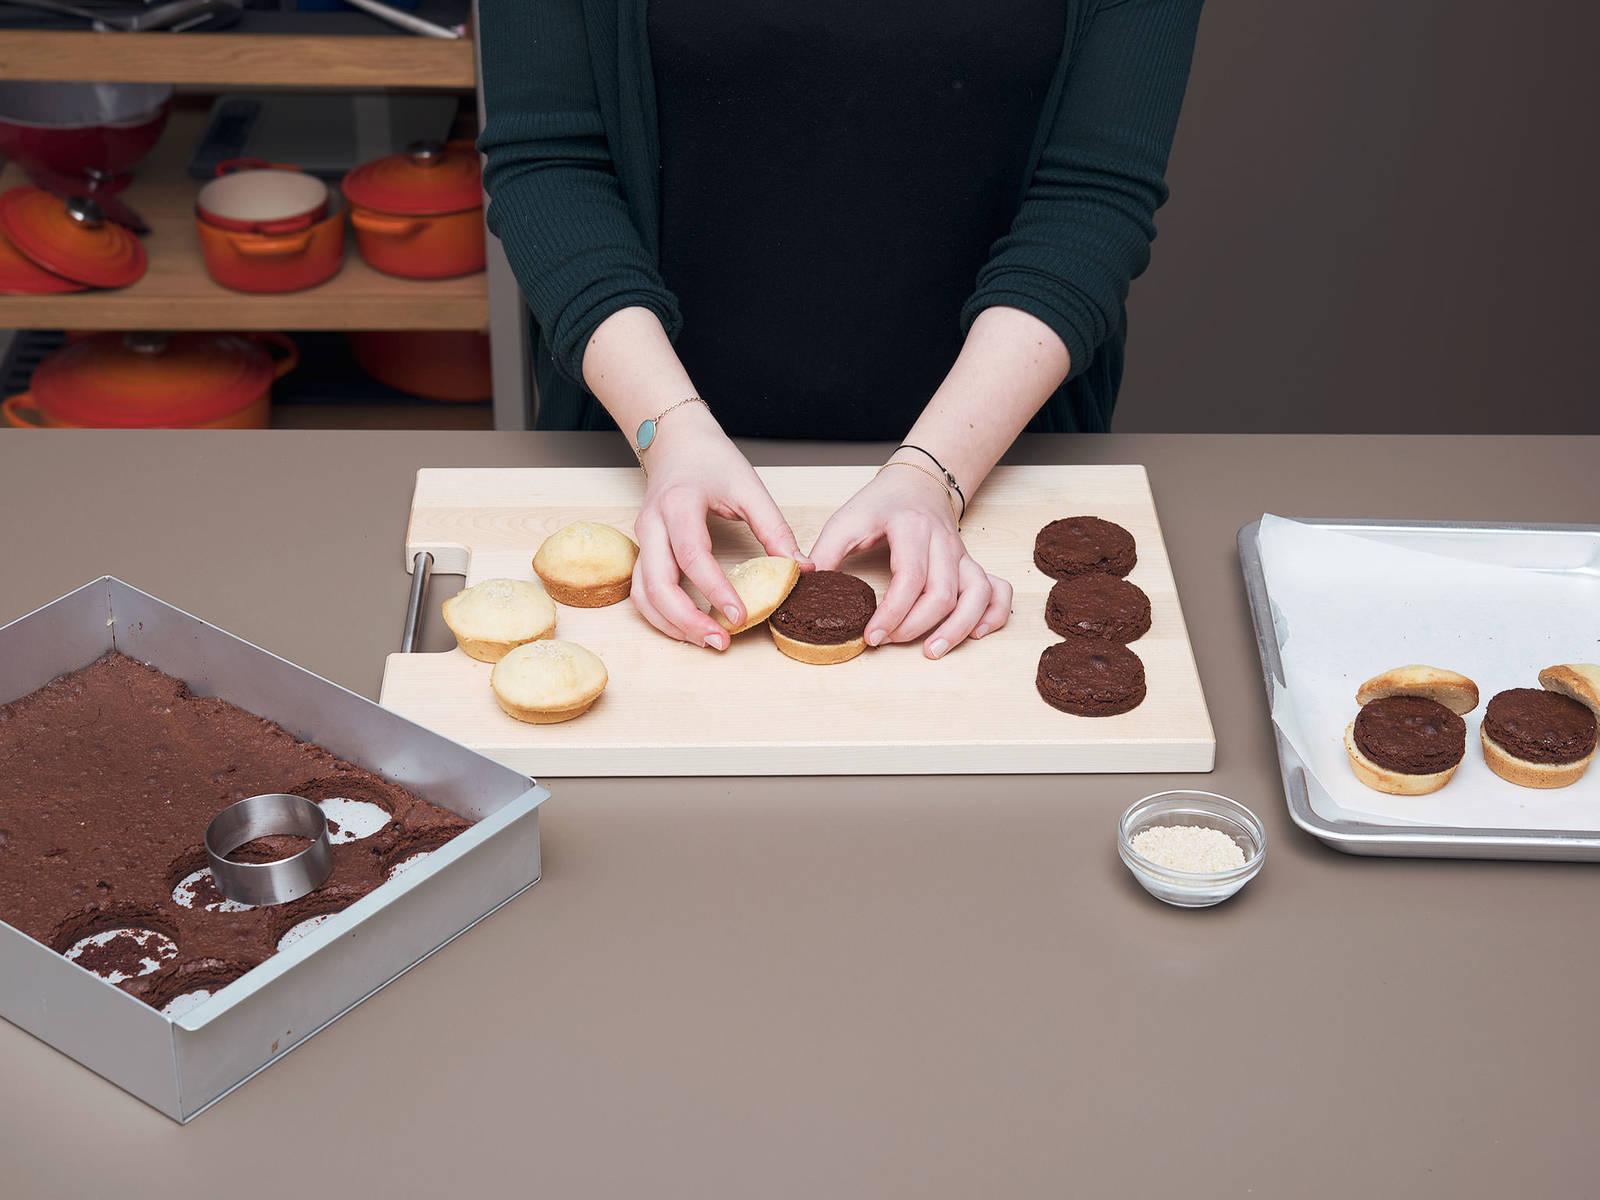 """Mit einer runden Ausstechform oder einem Glas runde """"Burgerpatties"""" aus den Brownies ausstechen. Für das Burgerbrötchen die Muffins mit einem scharfen Messer quer in zwei Hälften teilen. Die Oberseite des Muffins mit Sesam bestreuen. Browniepattie auf die untere Muffinhälfte setzen."""